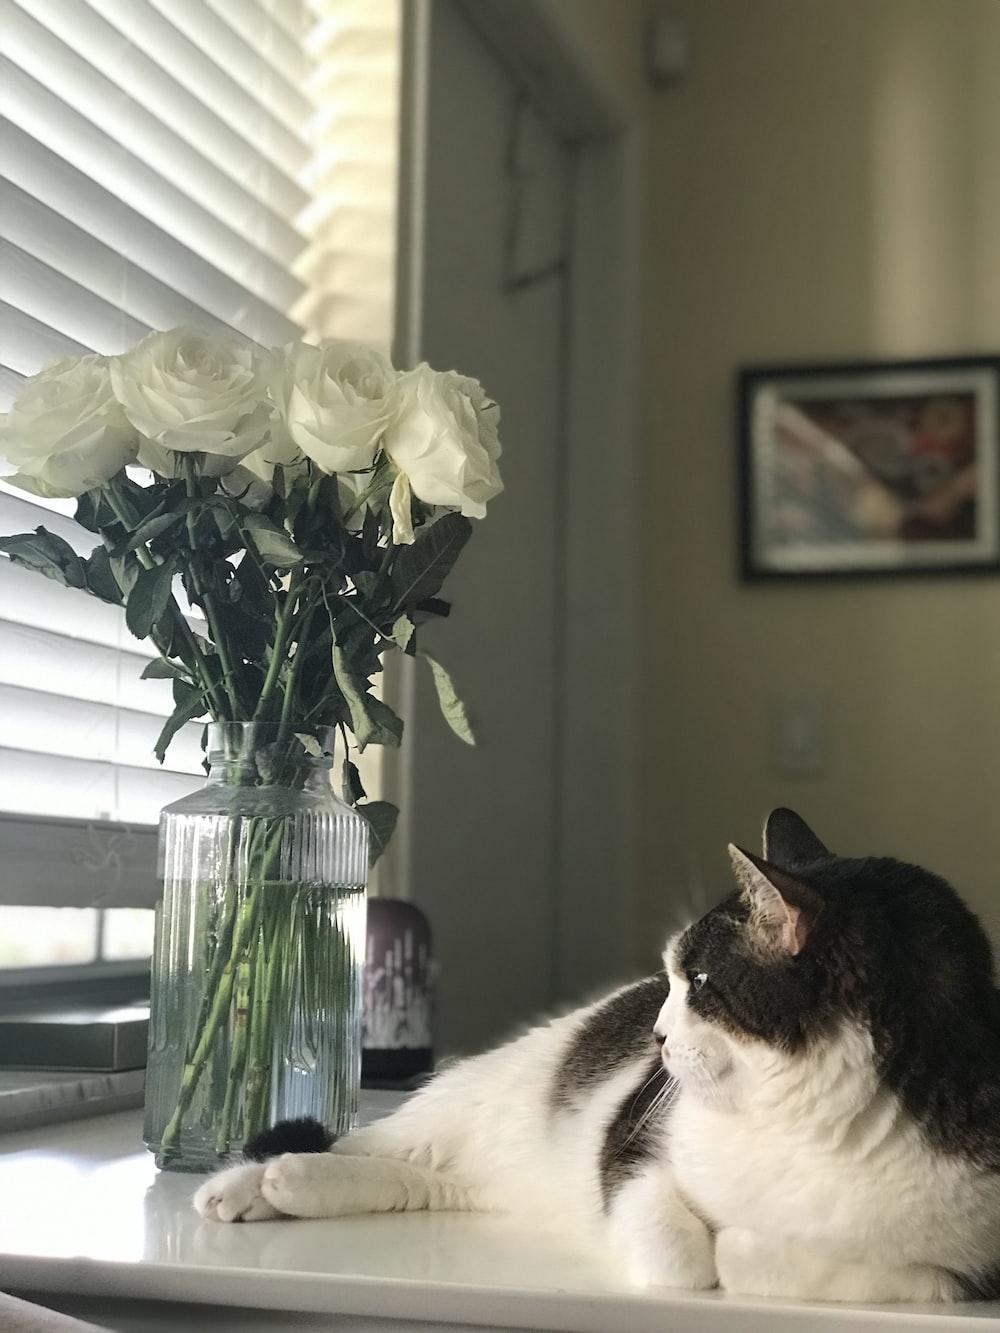 black and white cat lying beside white rose flowers